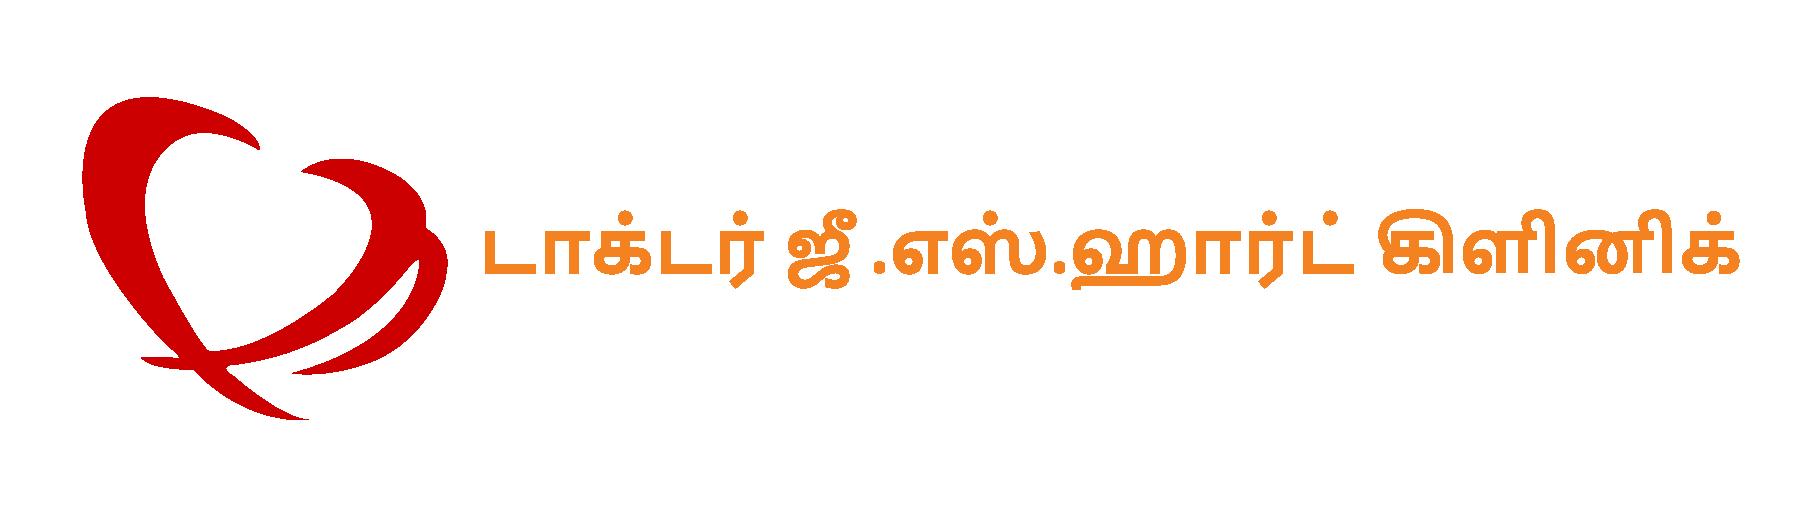 டாக்டர் ஜி.செங்கோட்டுவேலு | டாக்டர் ஜிஎஸ் ஹார்ட் க்ளீனிக்,